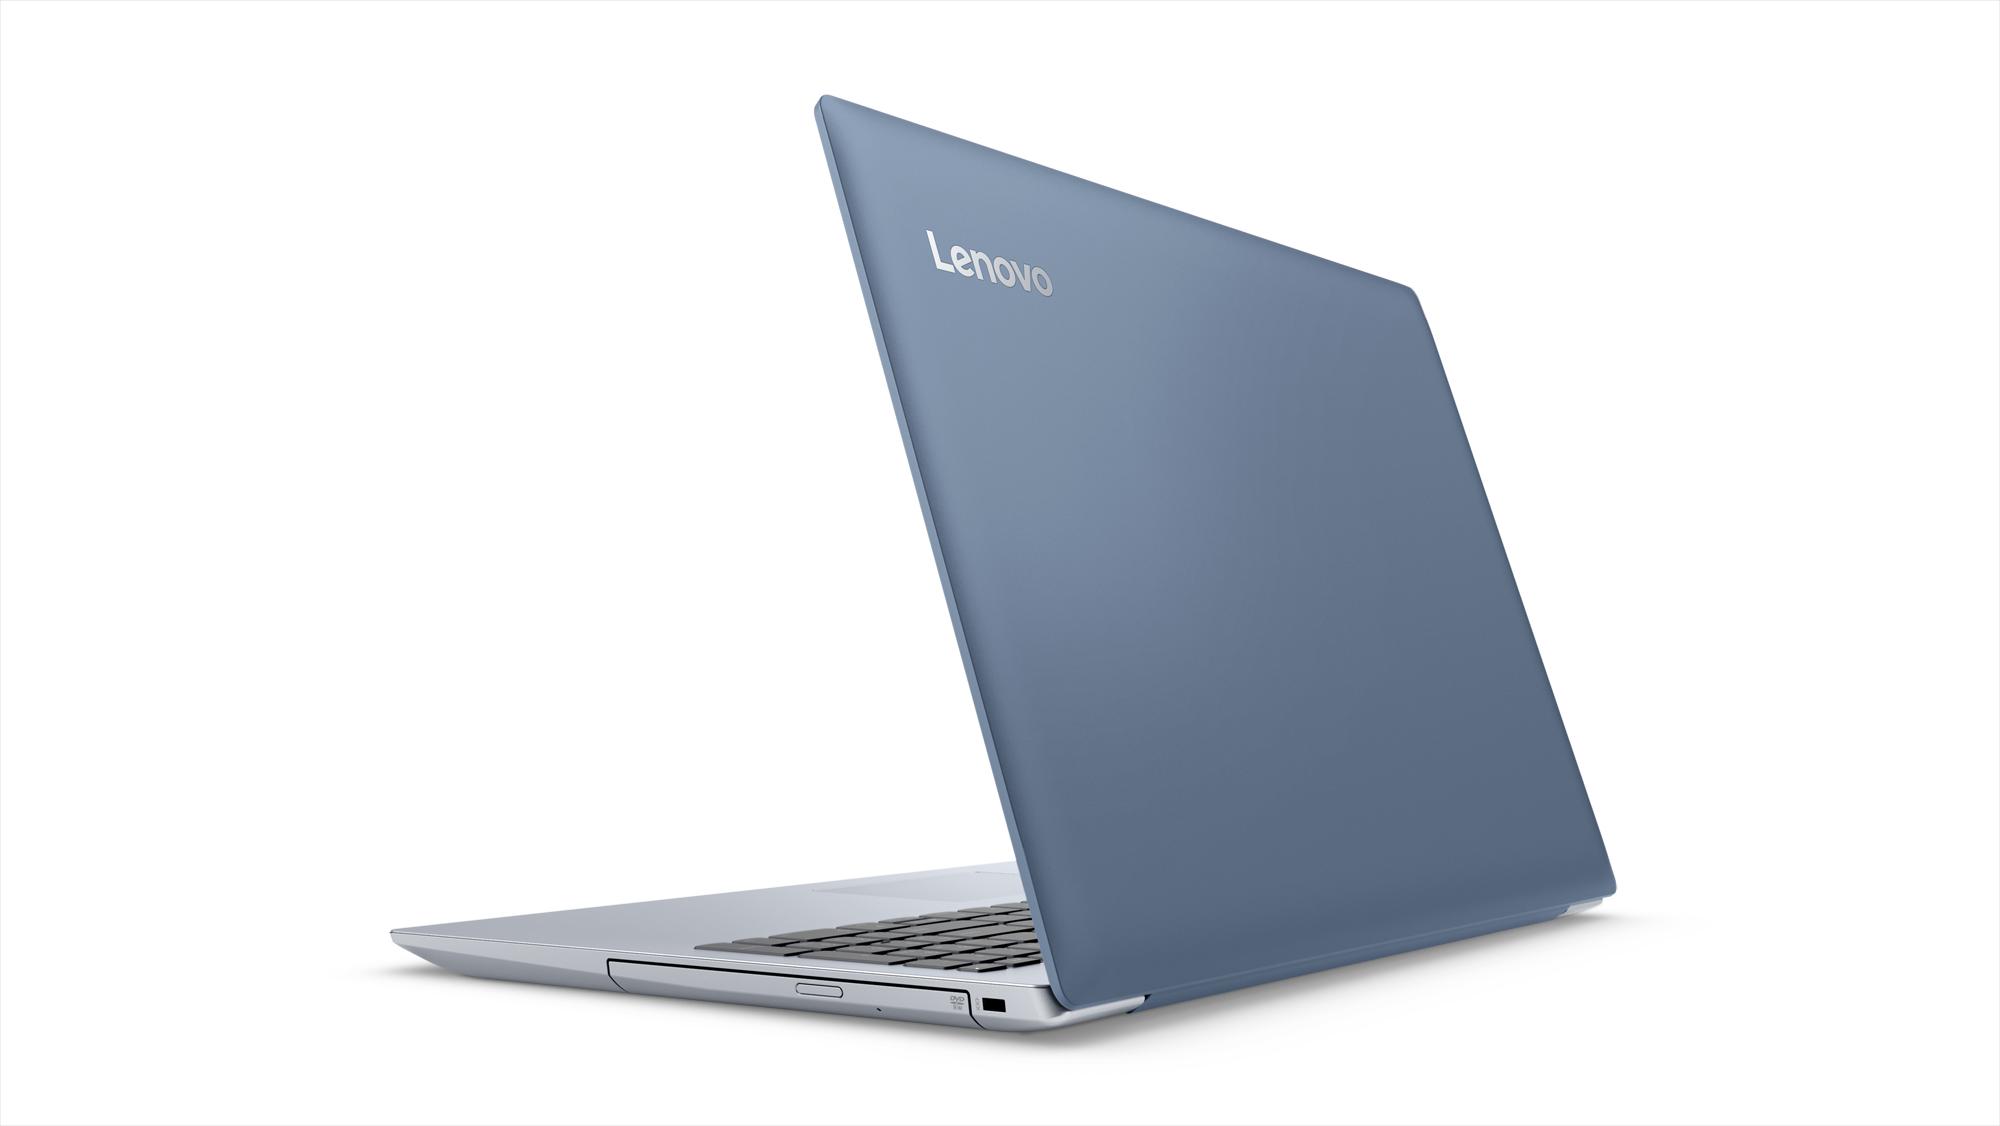 NOTEBOOK LENOVO IDEA 320-15IKB CORE I7/1TB/8GB/VIDEO 2GB/W10